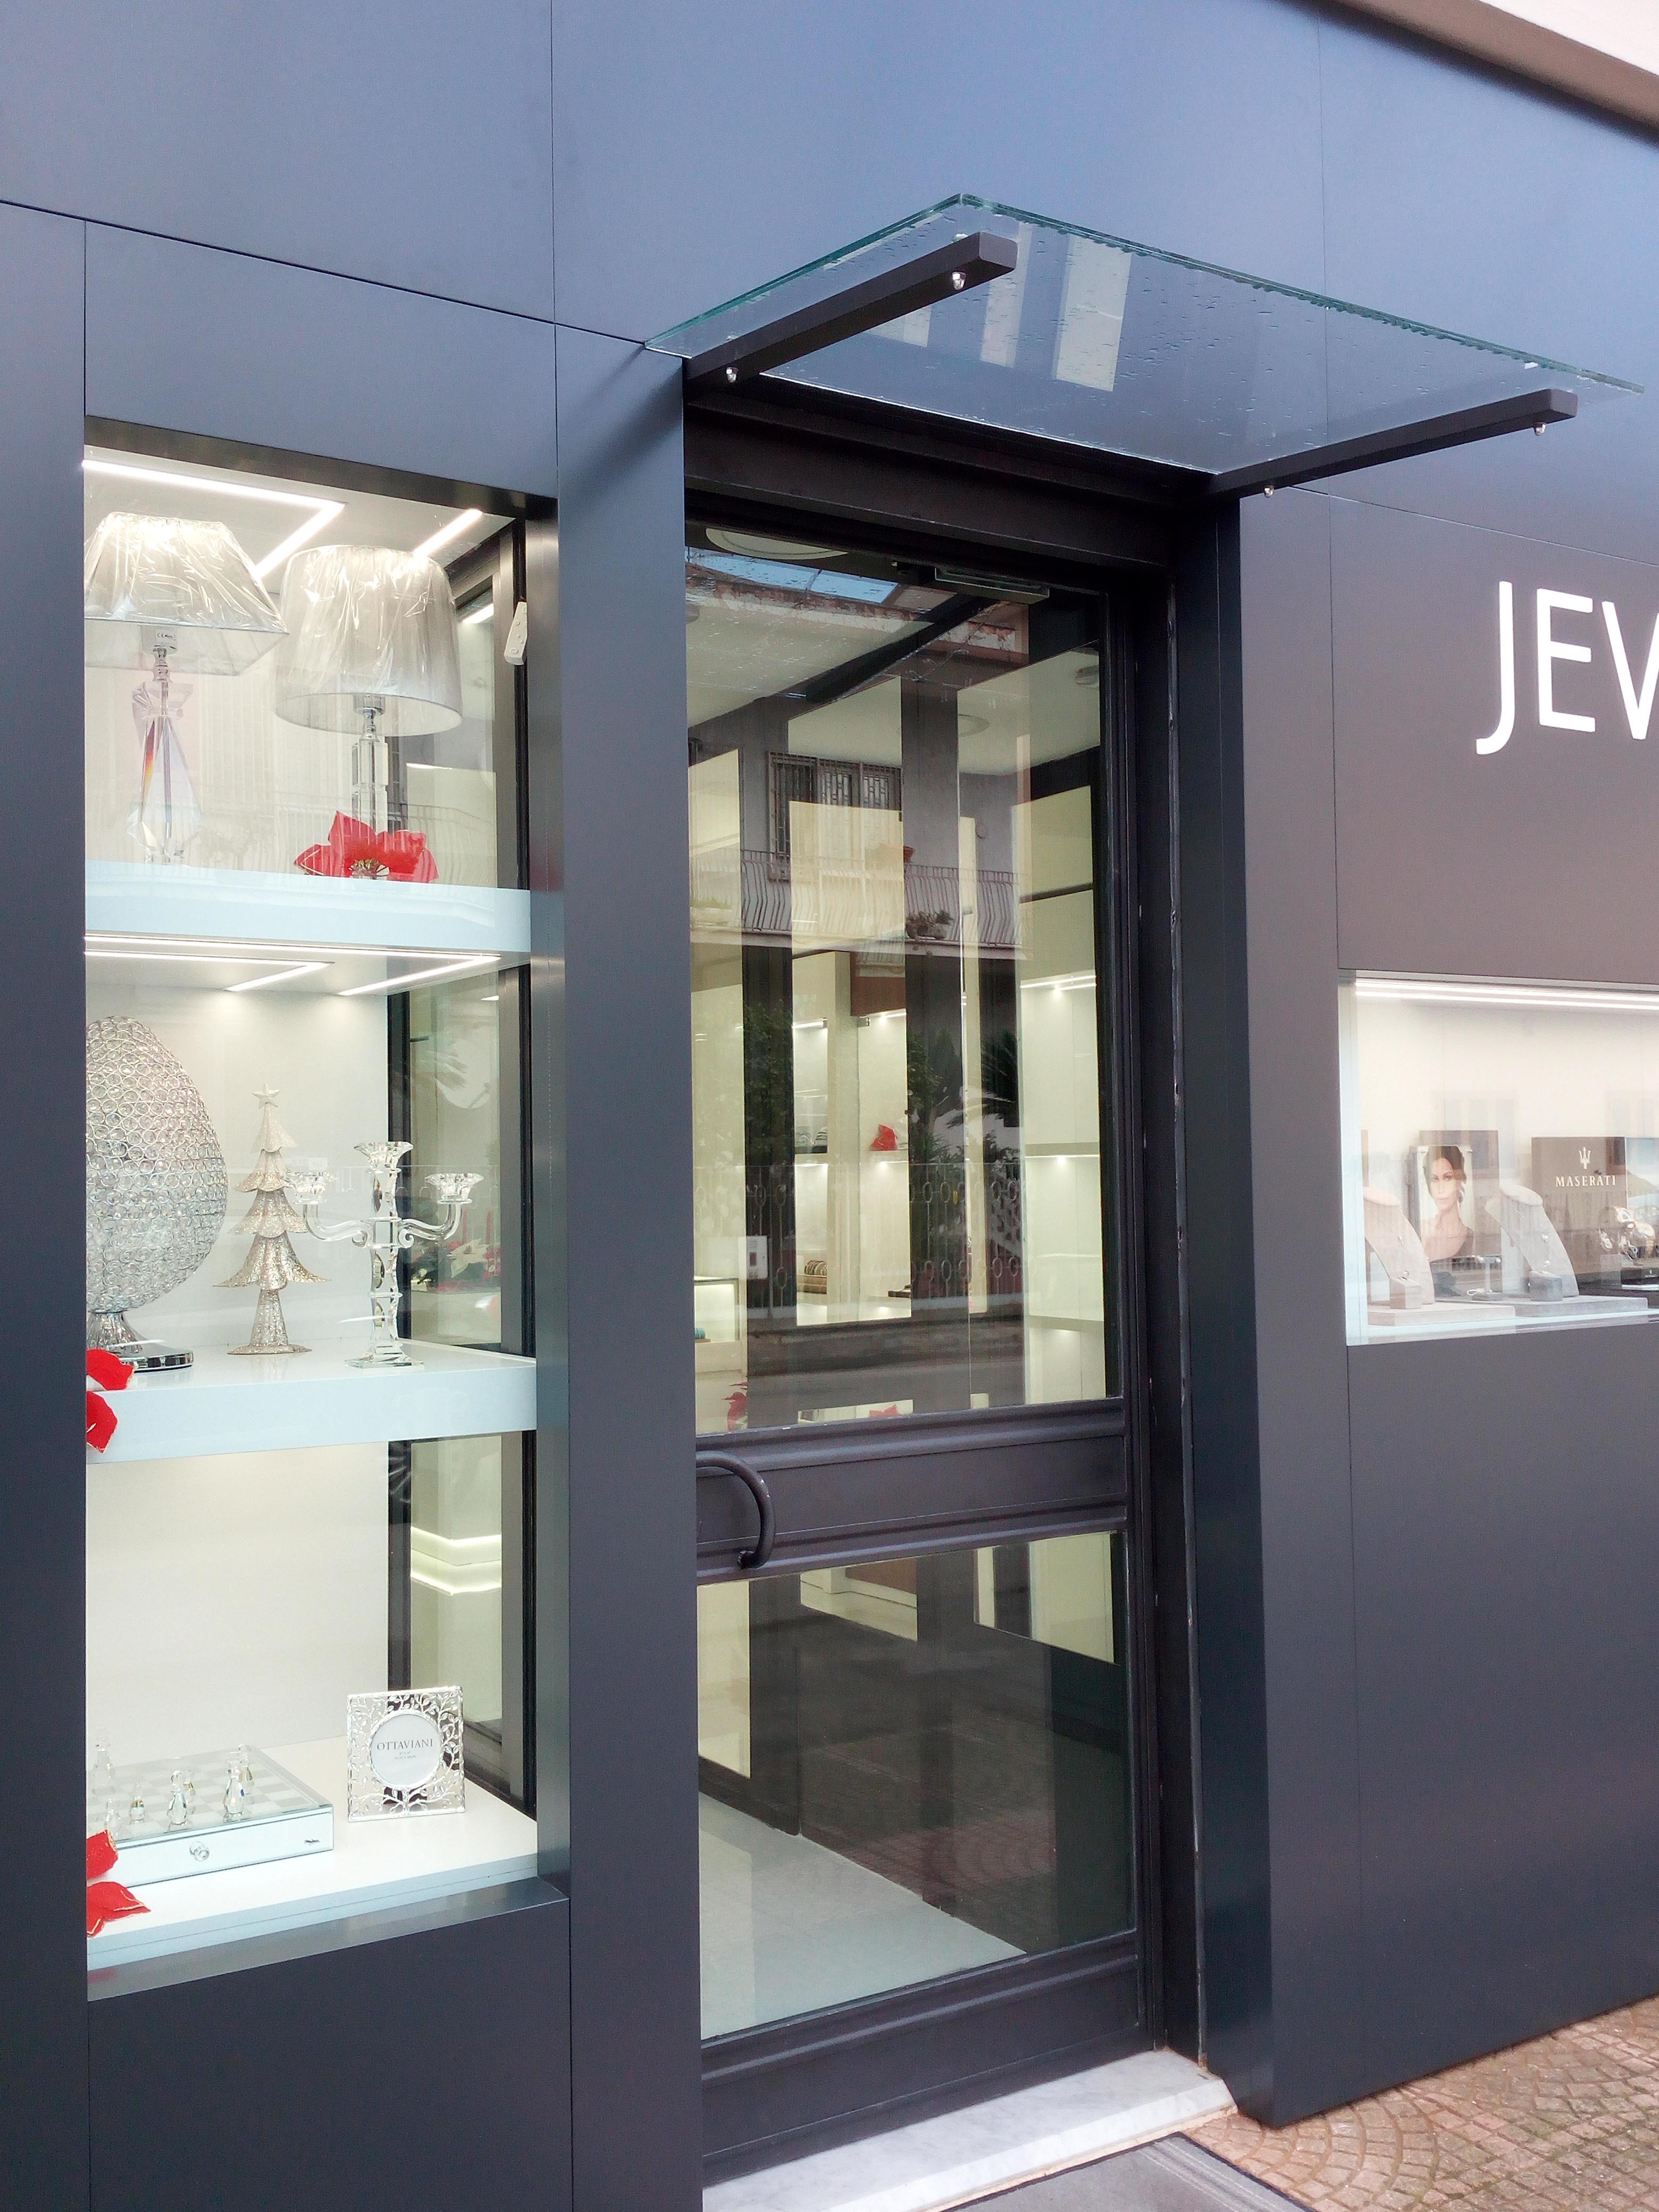 Esterno vetrina espositiva gioielleria, illuminazione led, argenteria e bigiotteria